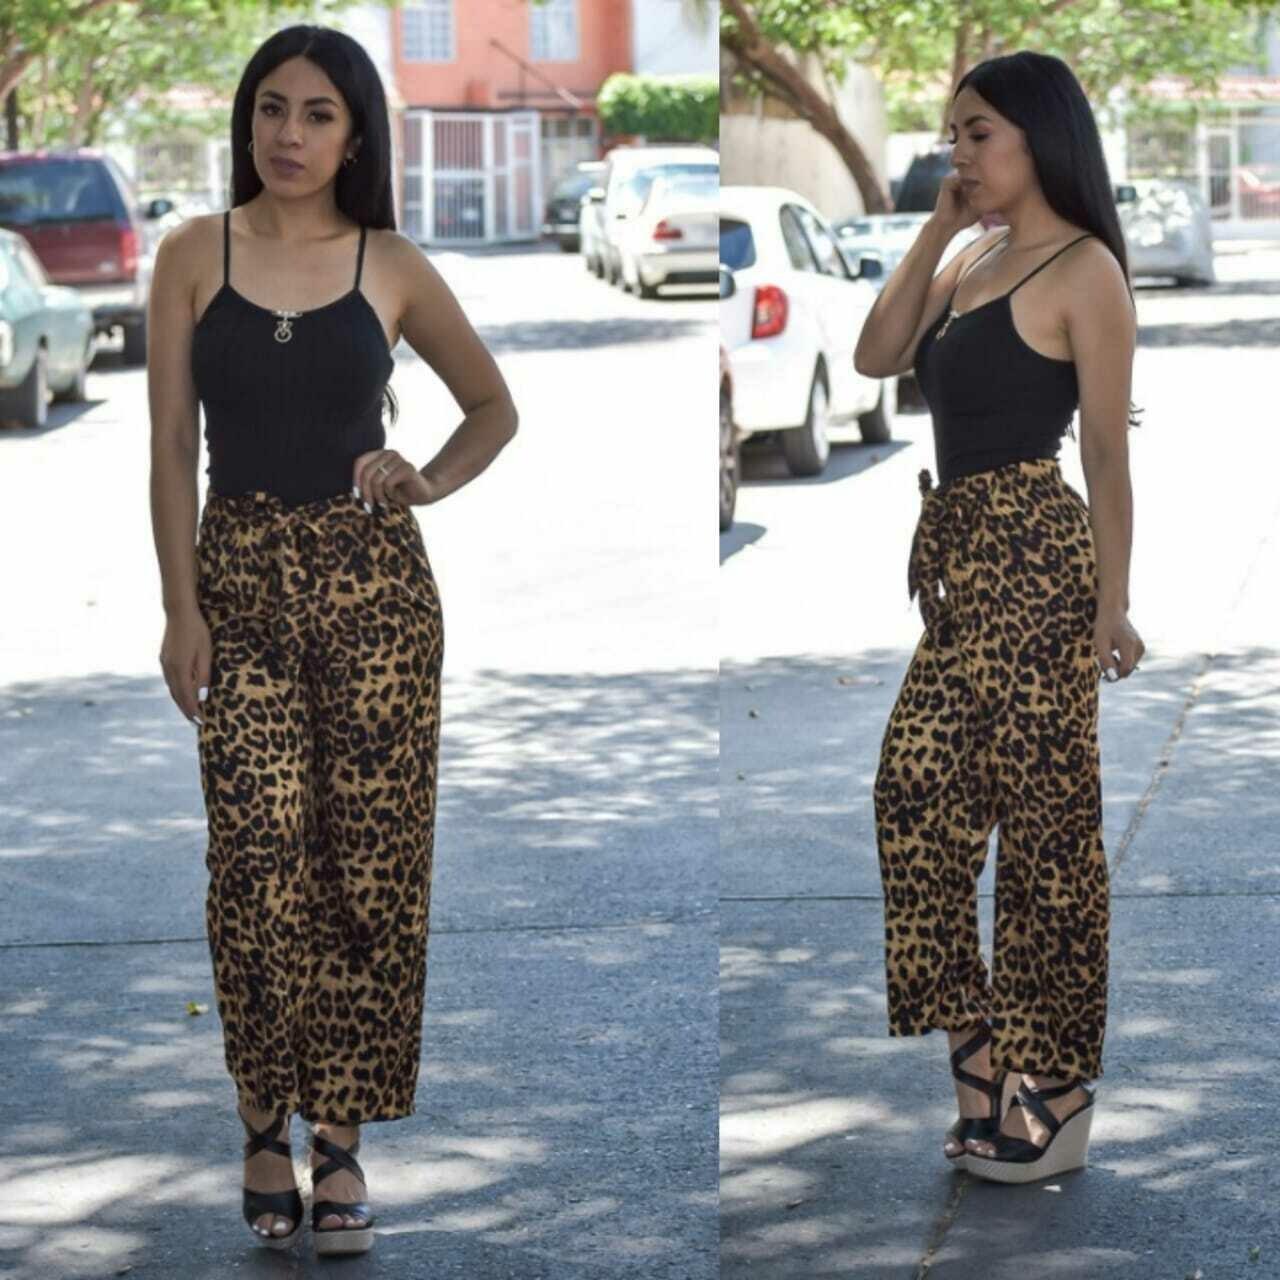 Maxi pantalon estampado-3582-1